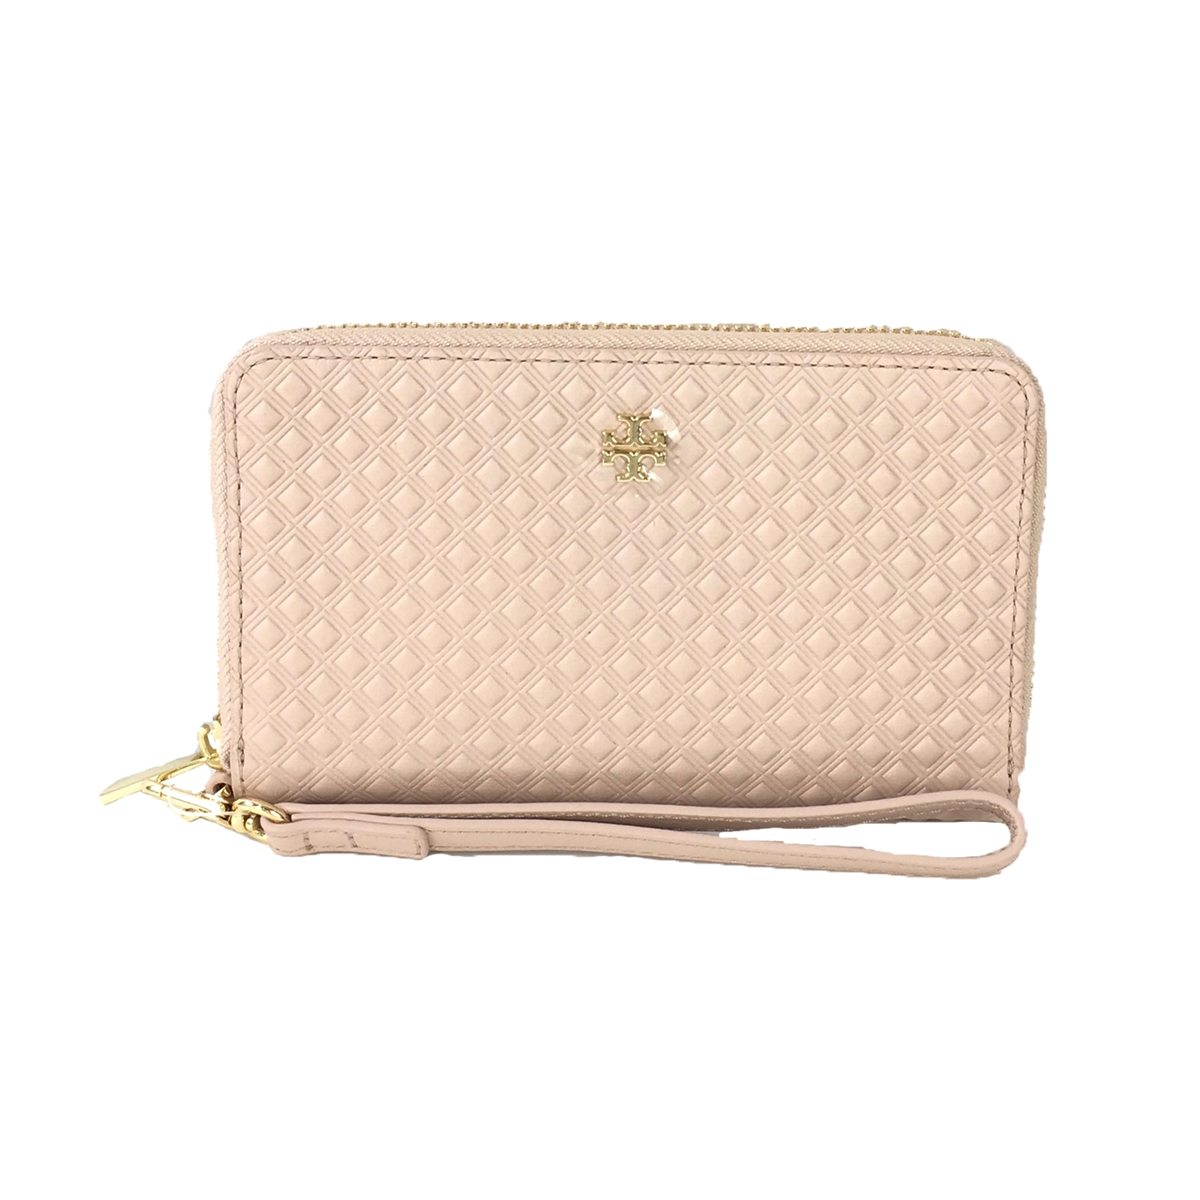 wholesale dealer fb6c4 dedc6 Tory Burch Marion Leather iPhone X 8 7 Wristlet Wallet, Light Oak